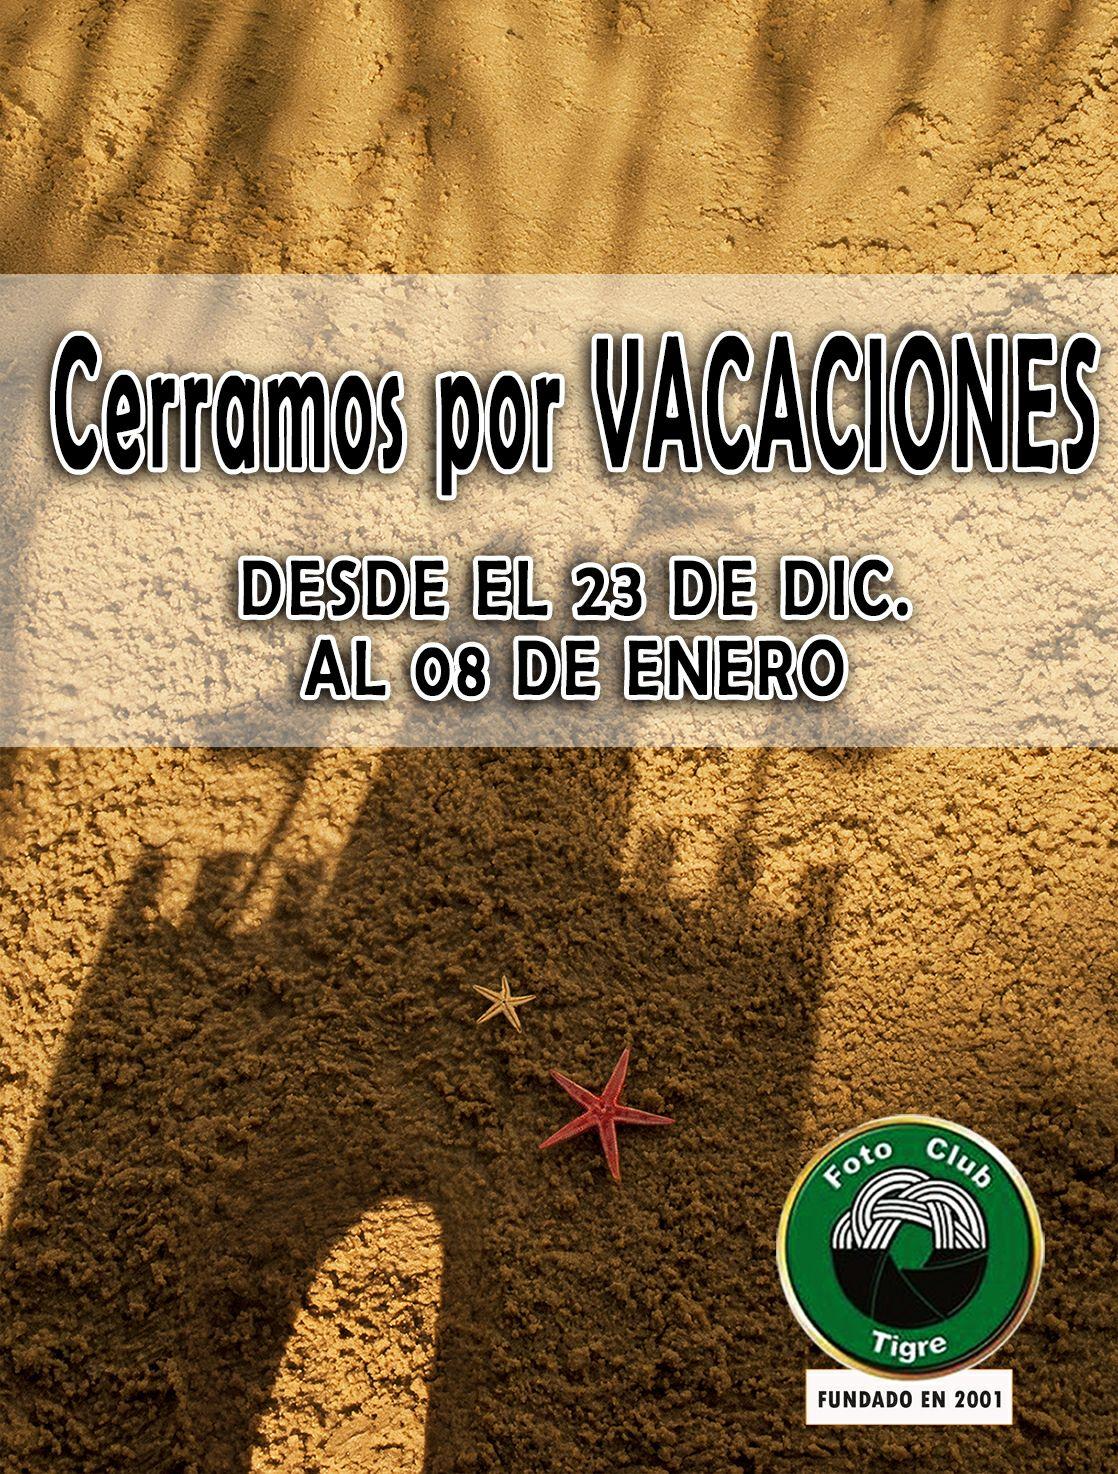 CERRADO POR VACACIONES!!